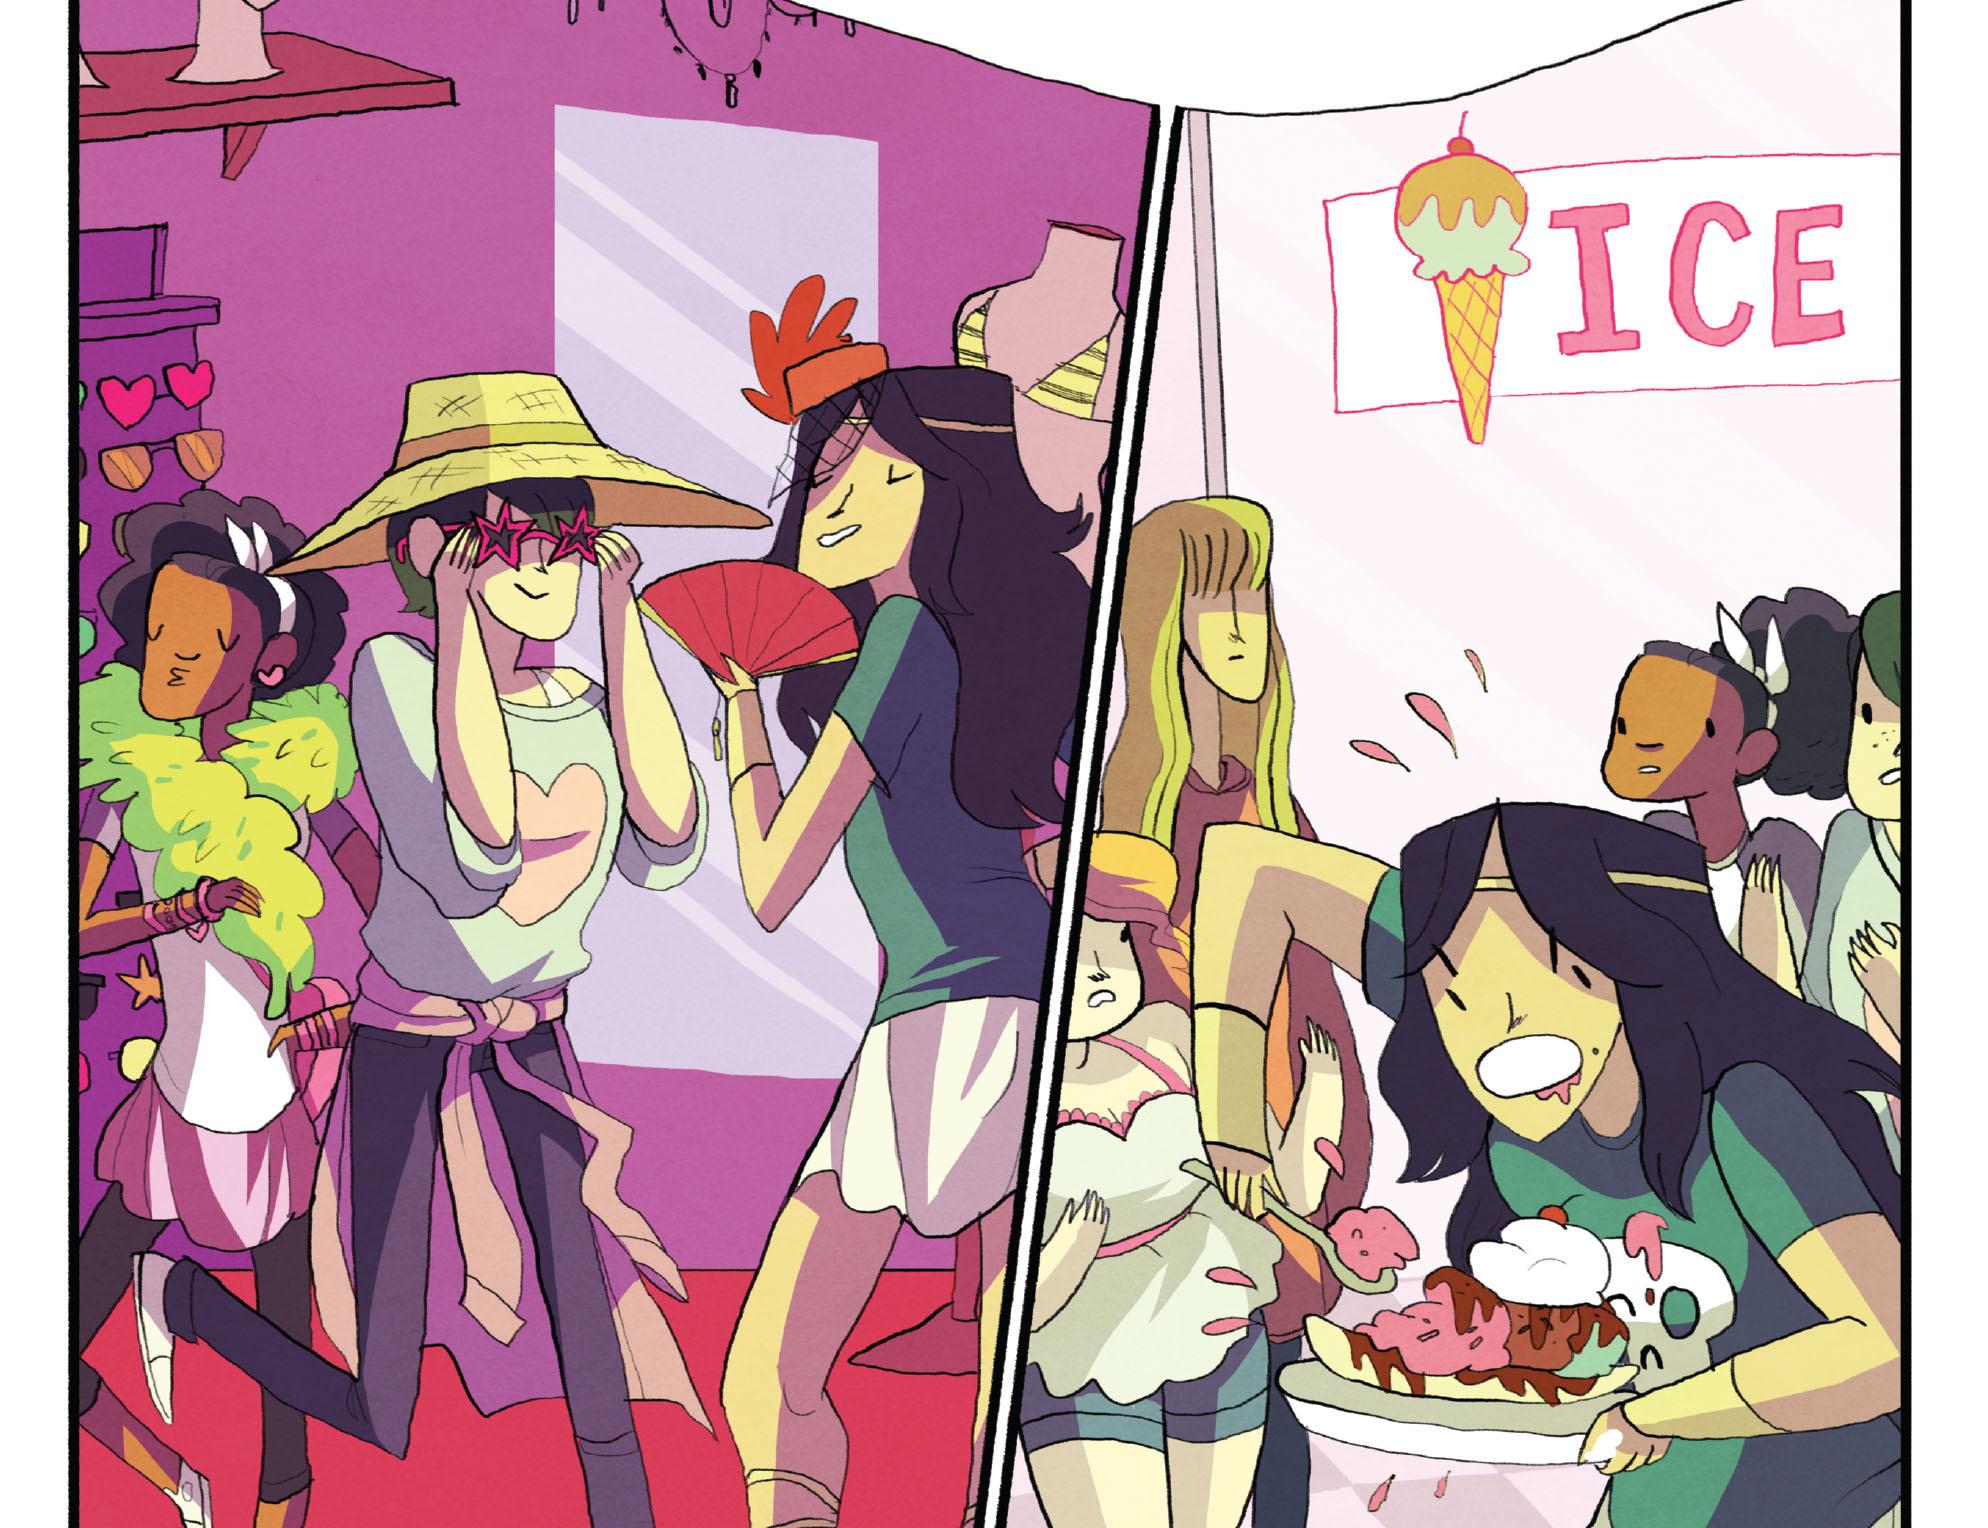 WW-ice cream-scfww2